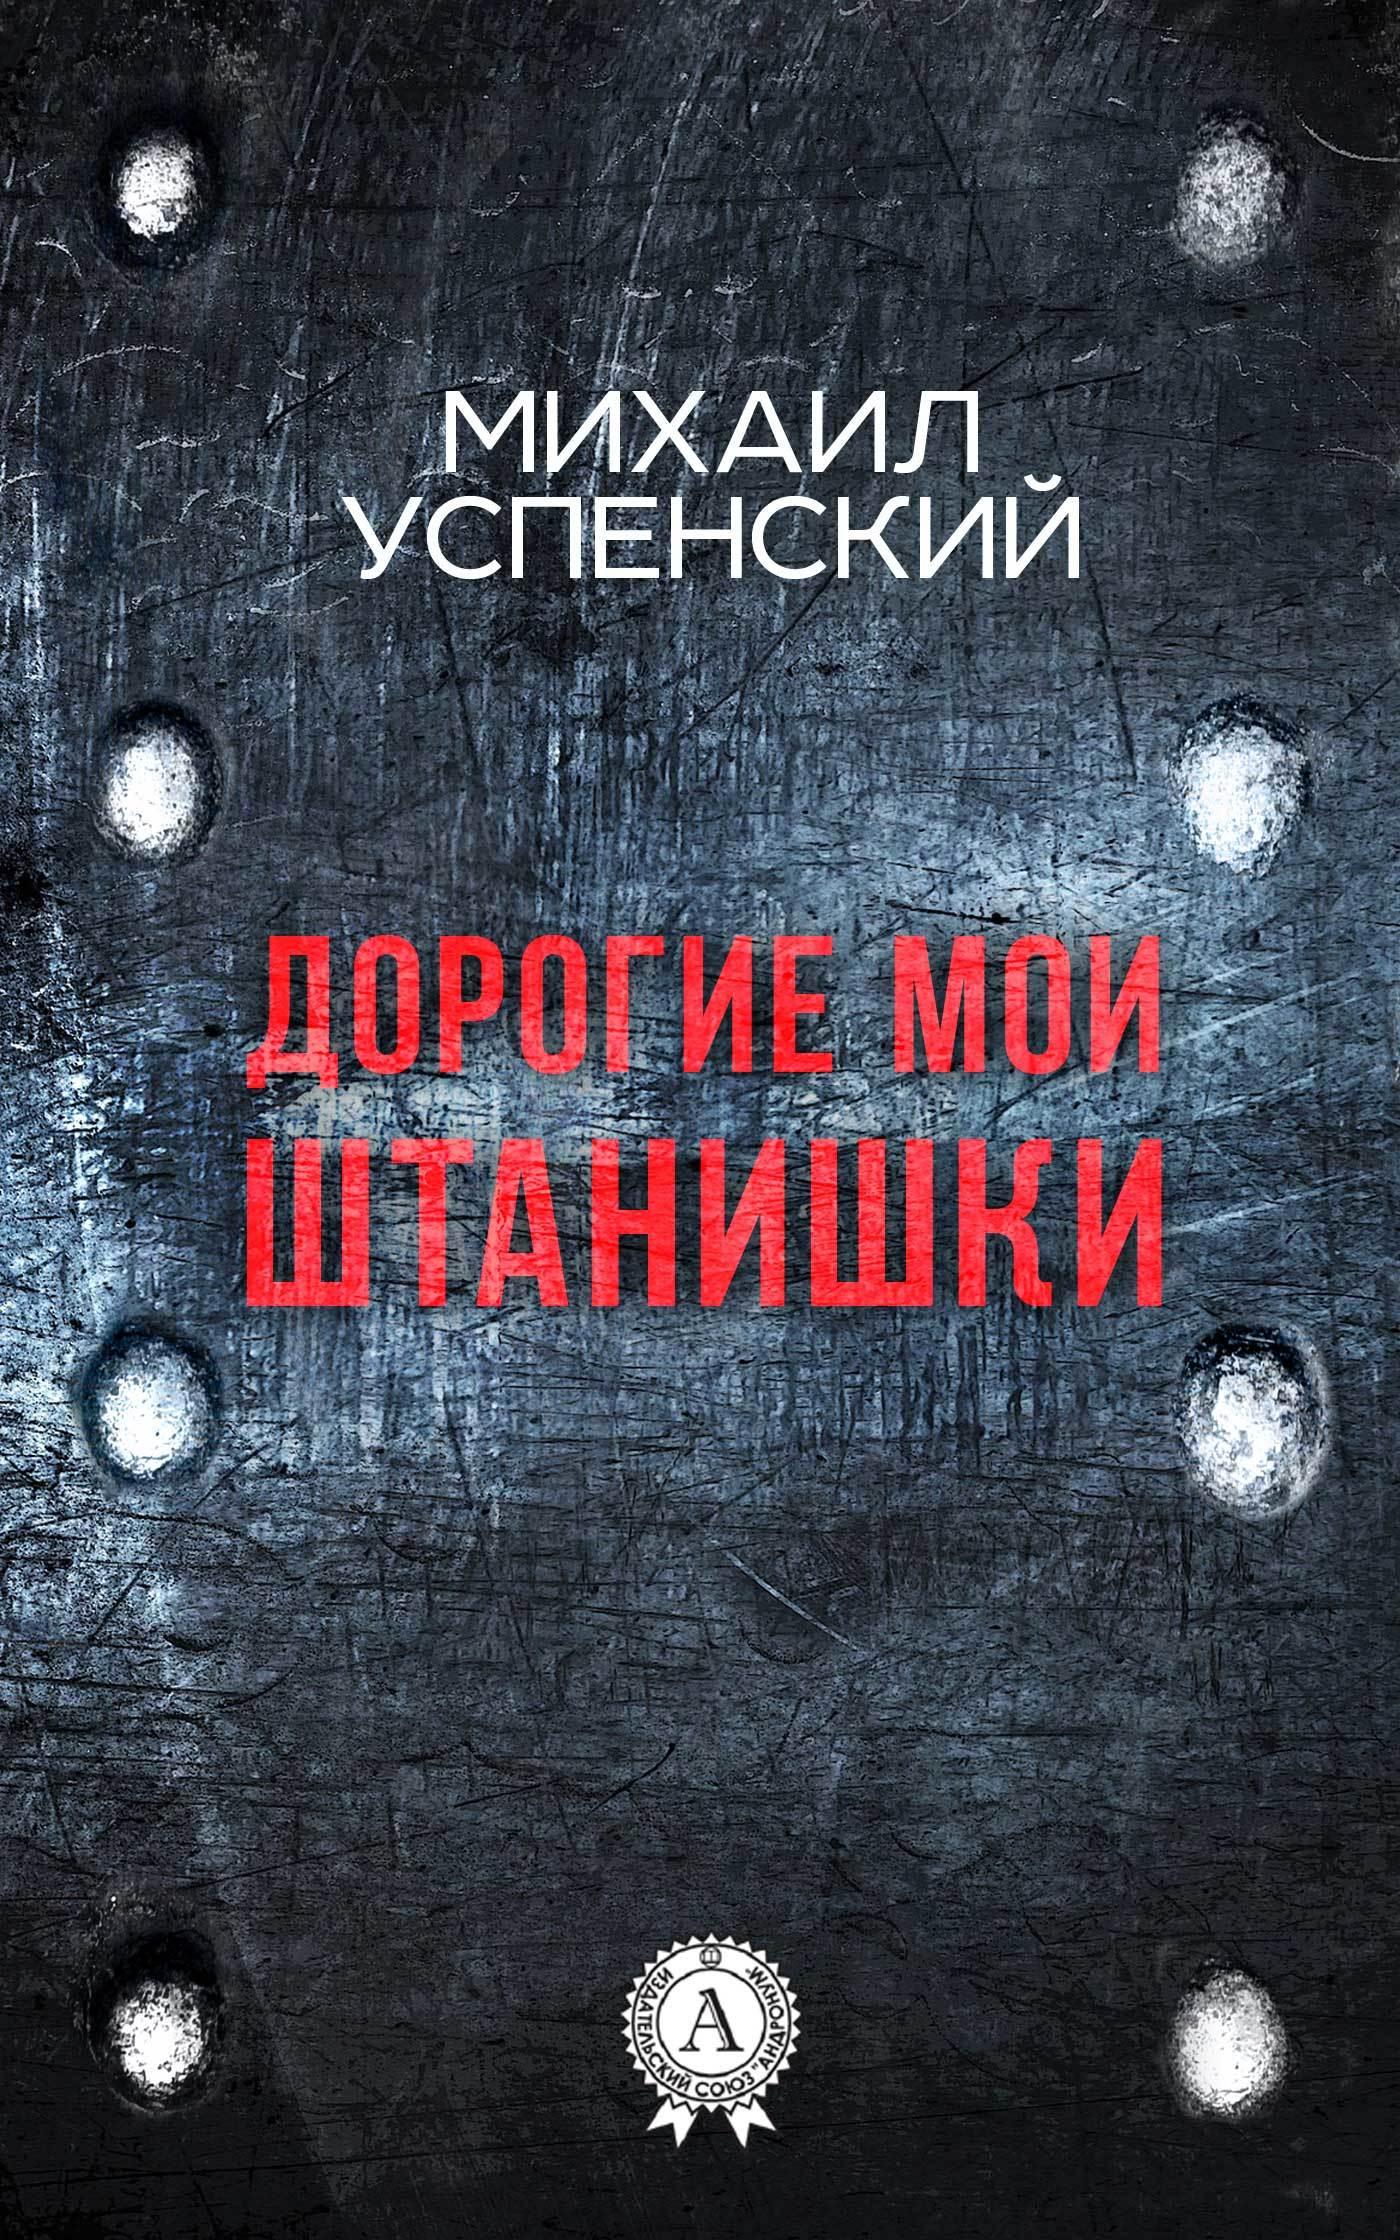 Михаил Успенский. Дорогие мои штанишки